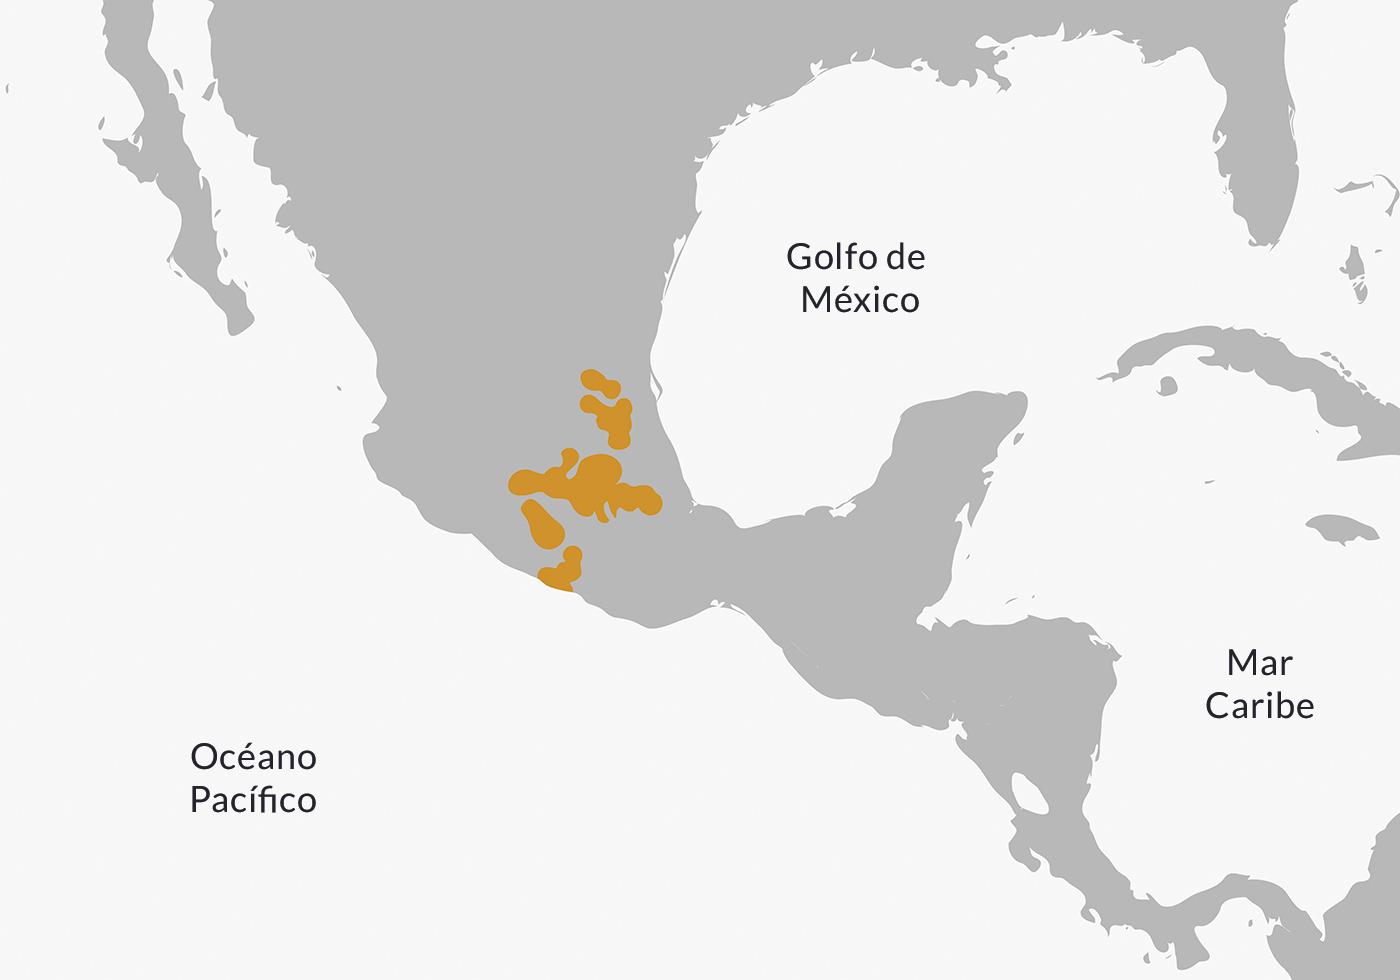 Mapa de ubicación de los nahuas